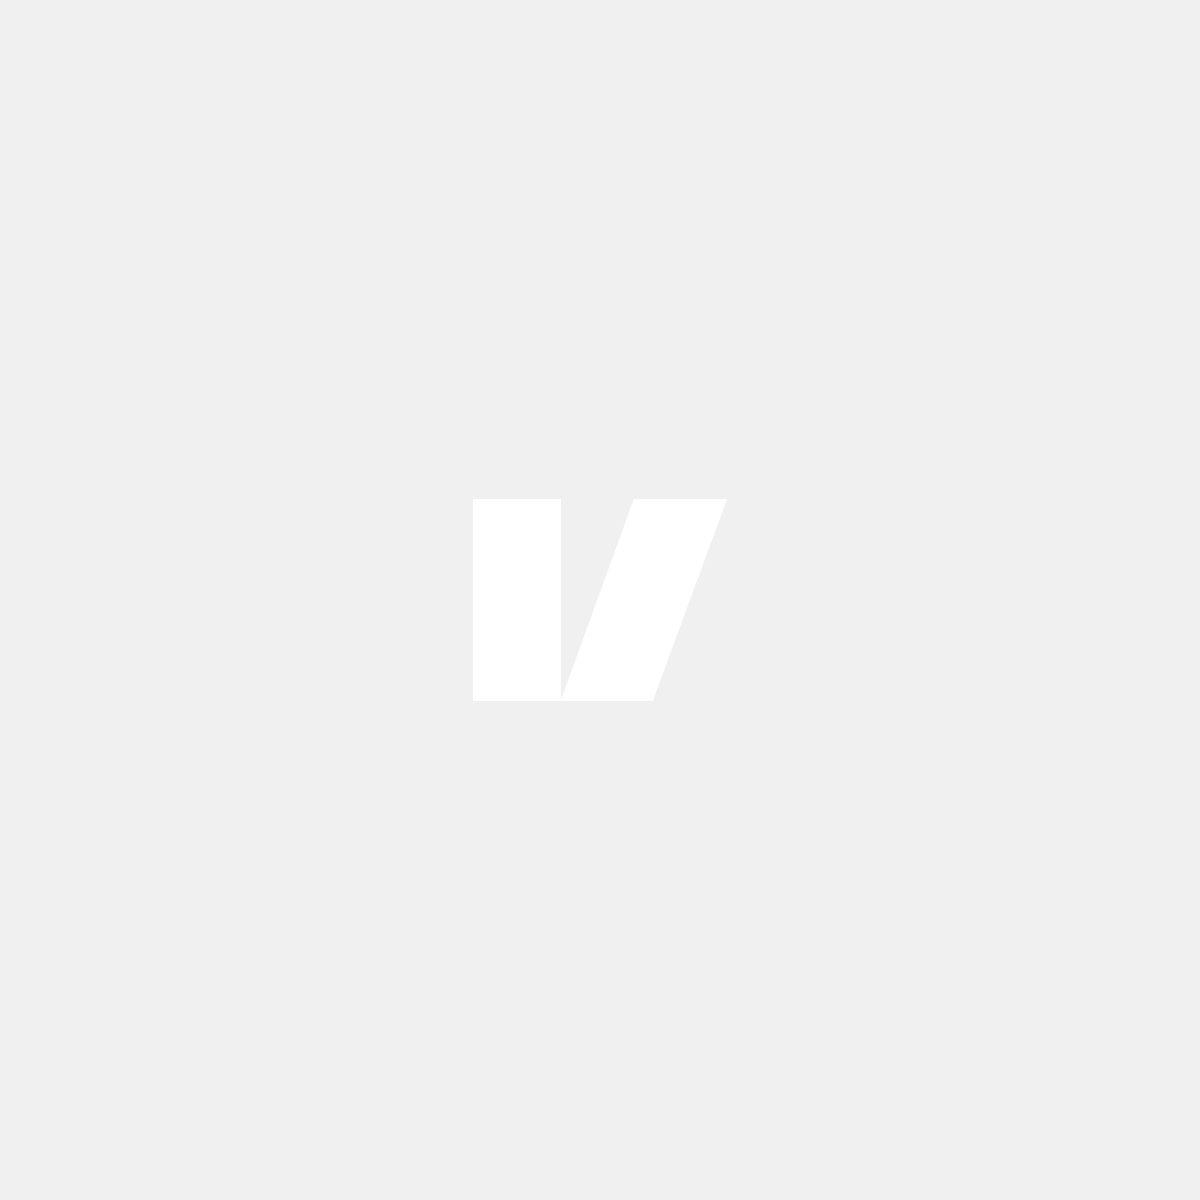 Strålkastare till Volvo S80, V70, XC70 08-, svart, förarsidan